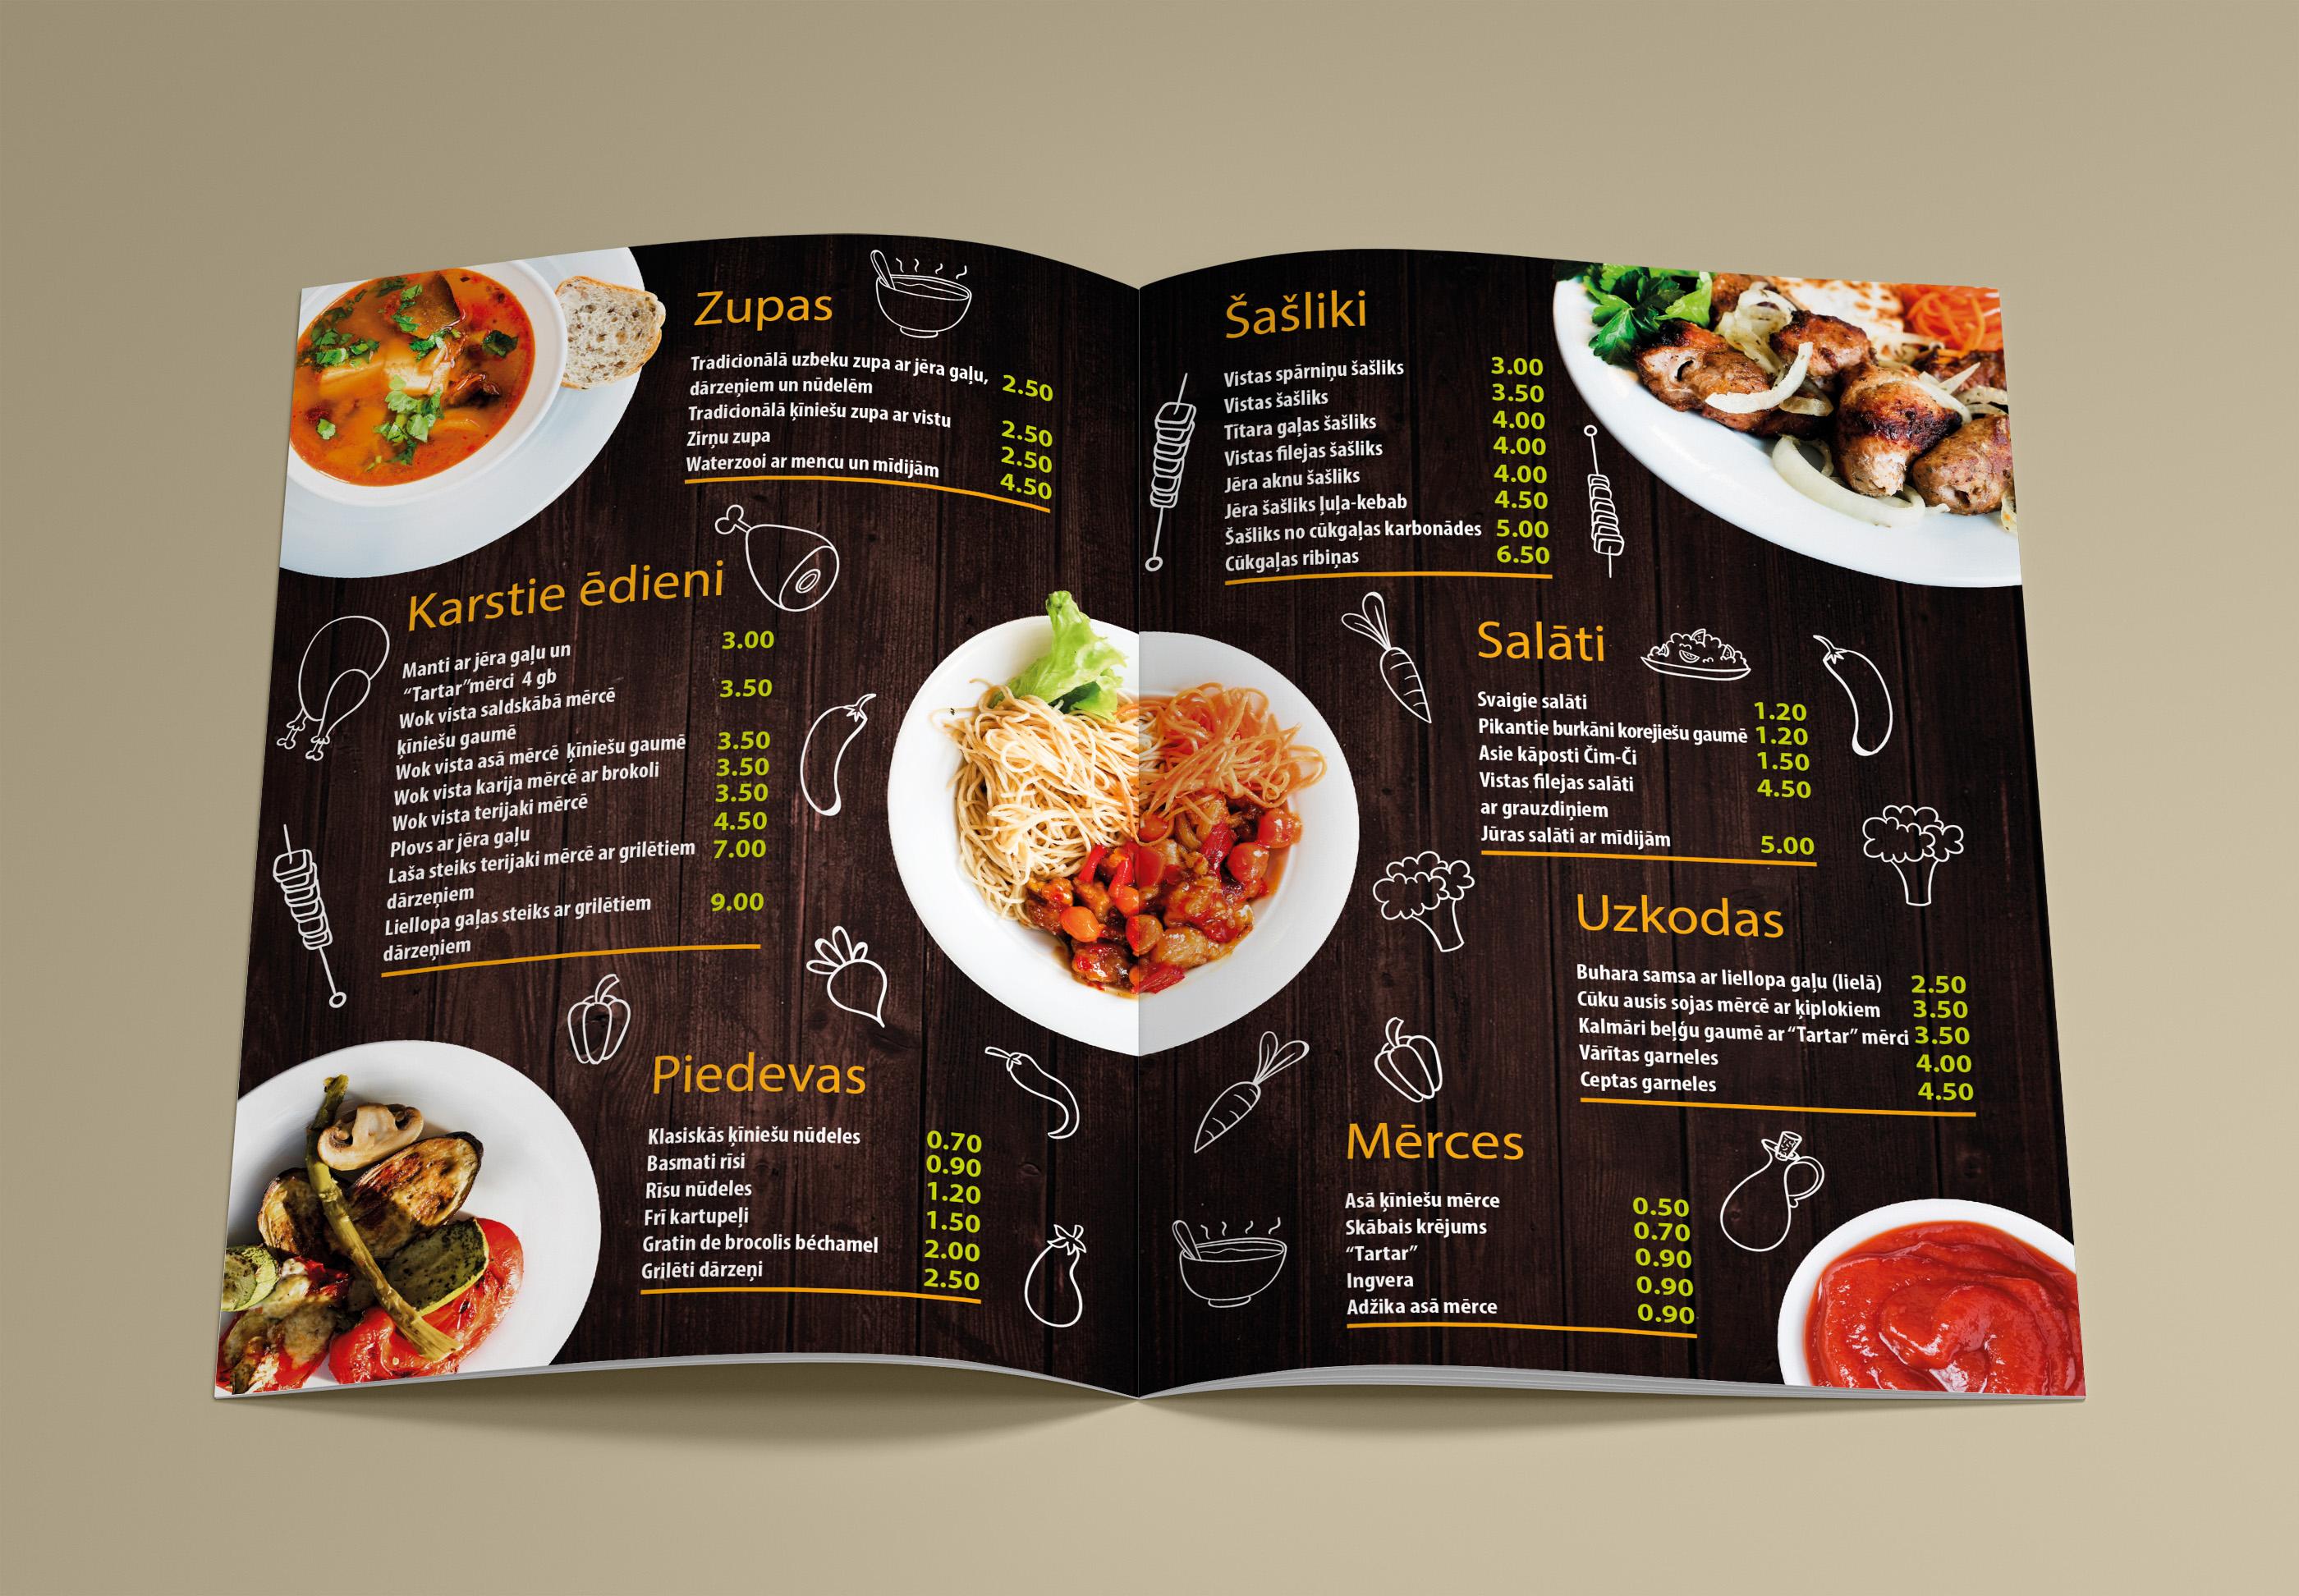 Картинки для ресторана меню